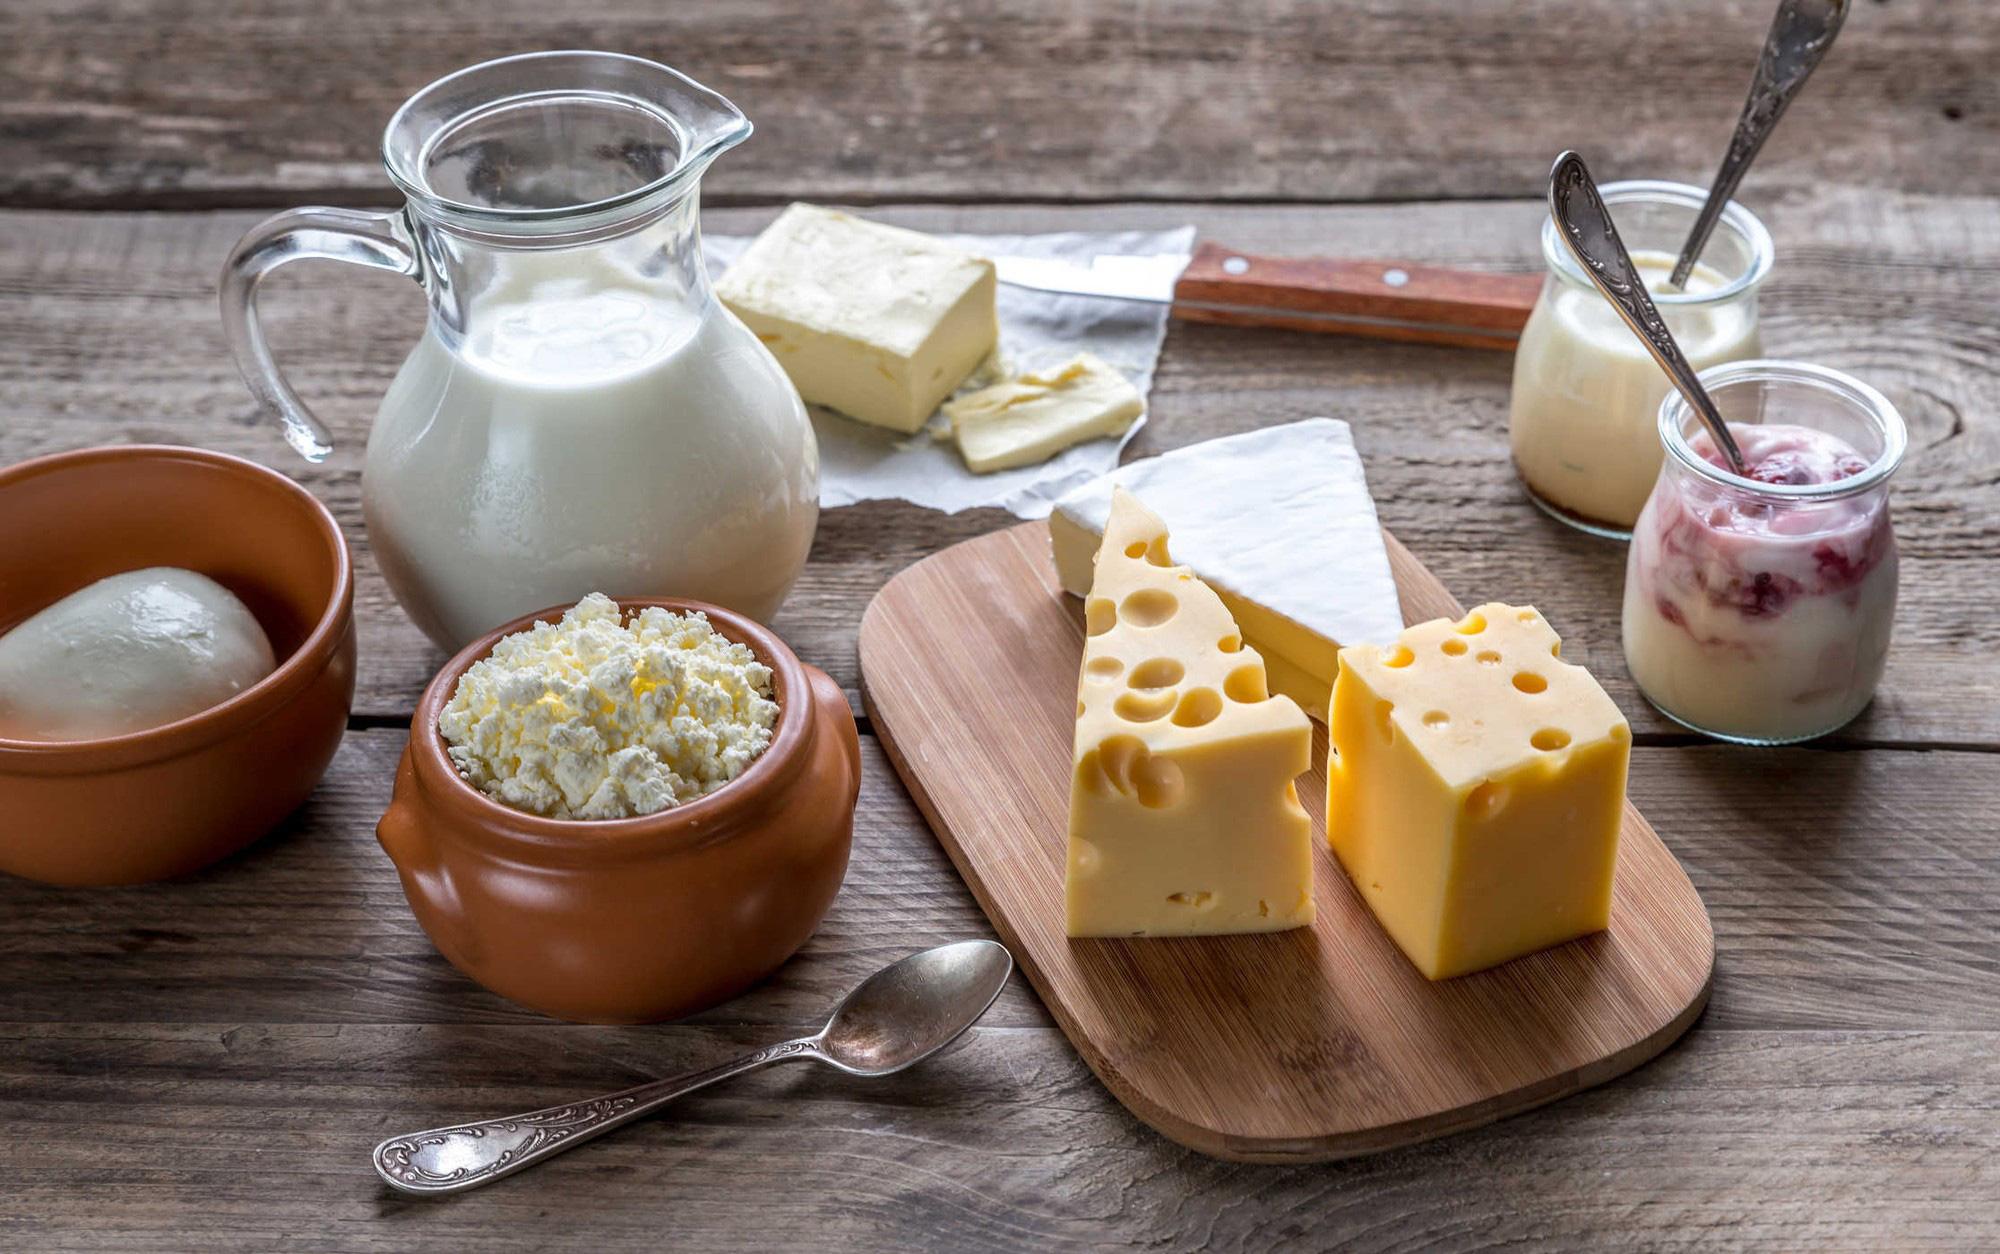 tieu-chay-khong-dung-nap-lactose-la-gi-nguyen-nhan-dau-hieu-va-cach-dieu-tri-benh-5